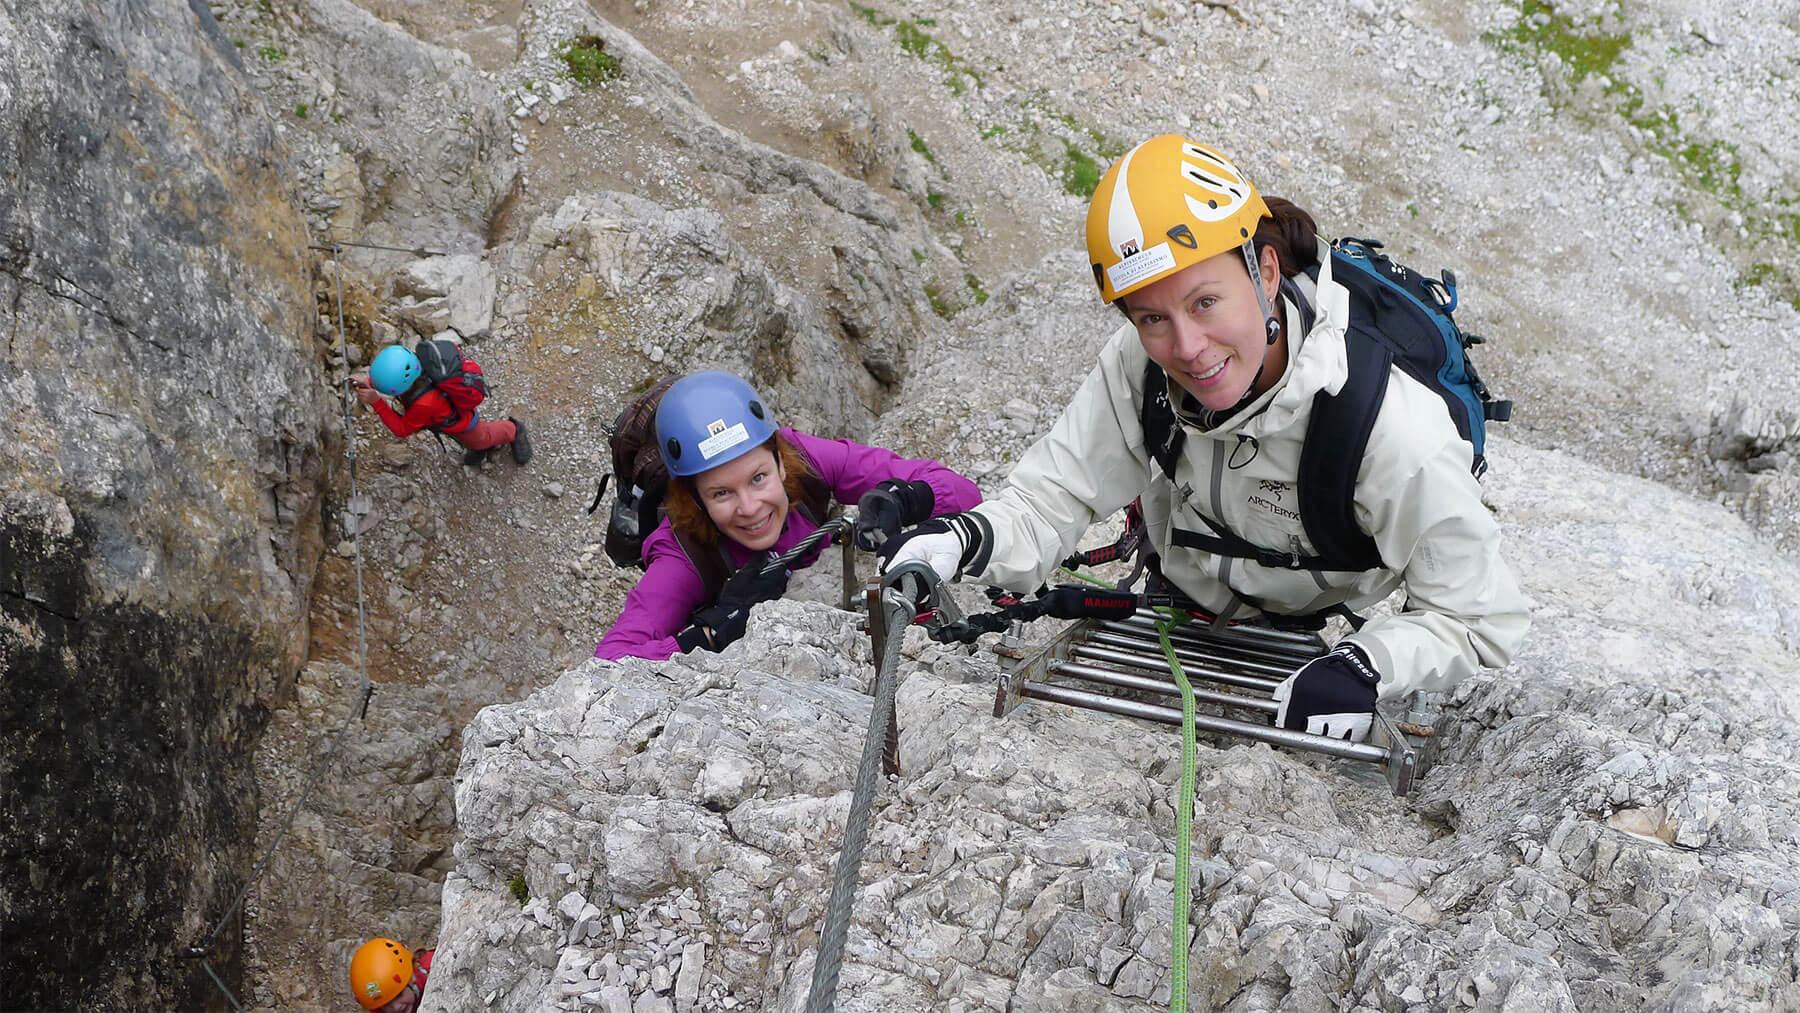 Klettersteig Karte : Klettersteige in den dolomiten karte tourenbeschreibung